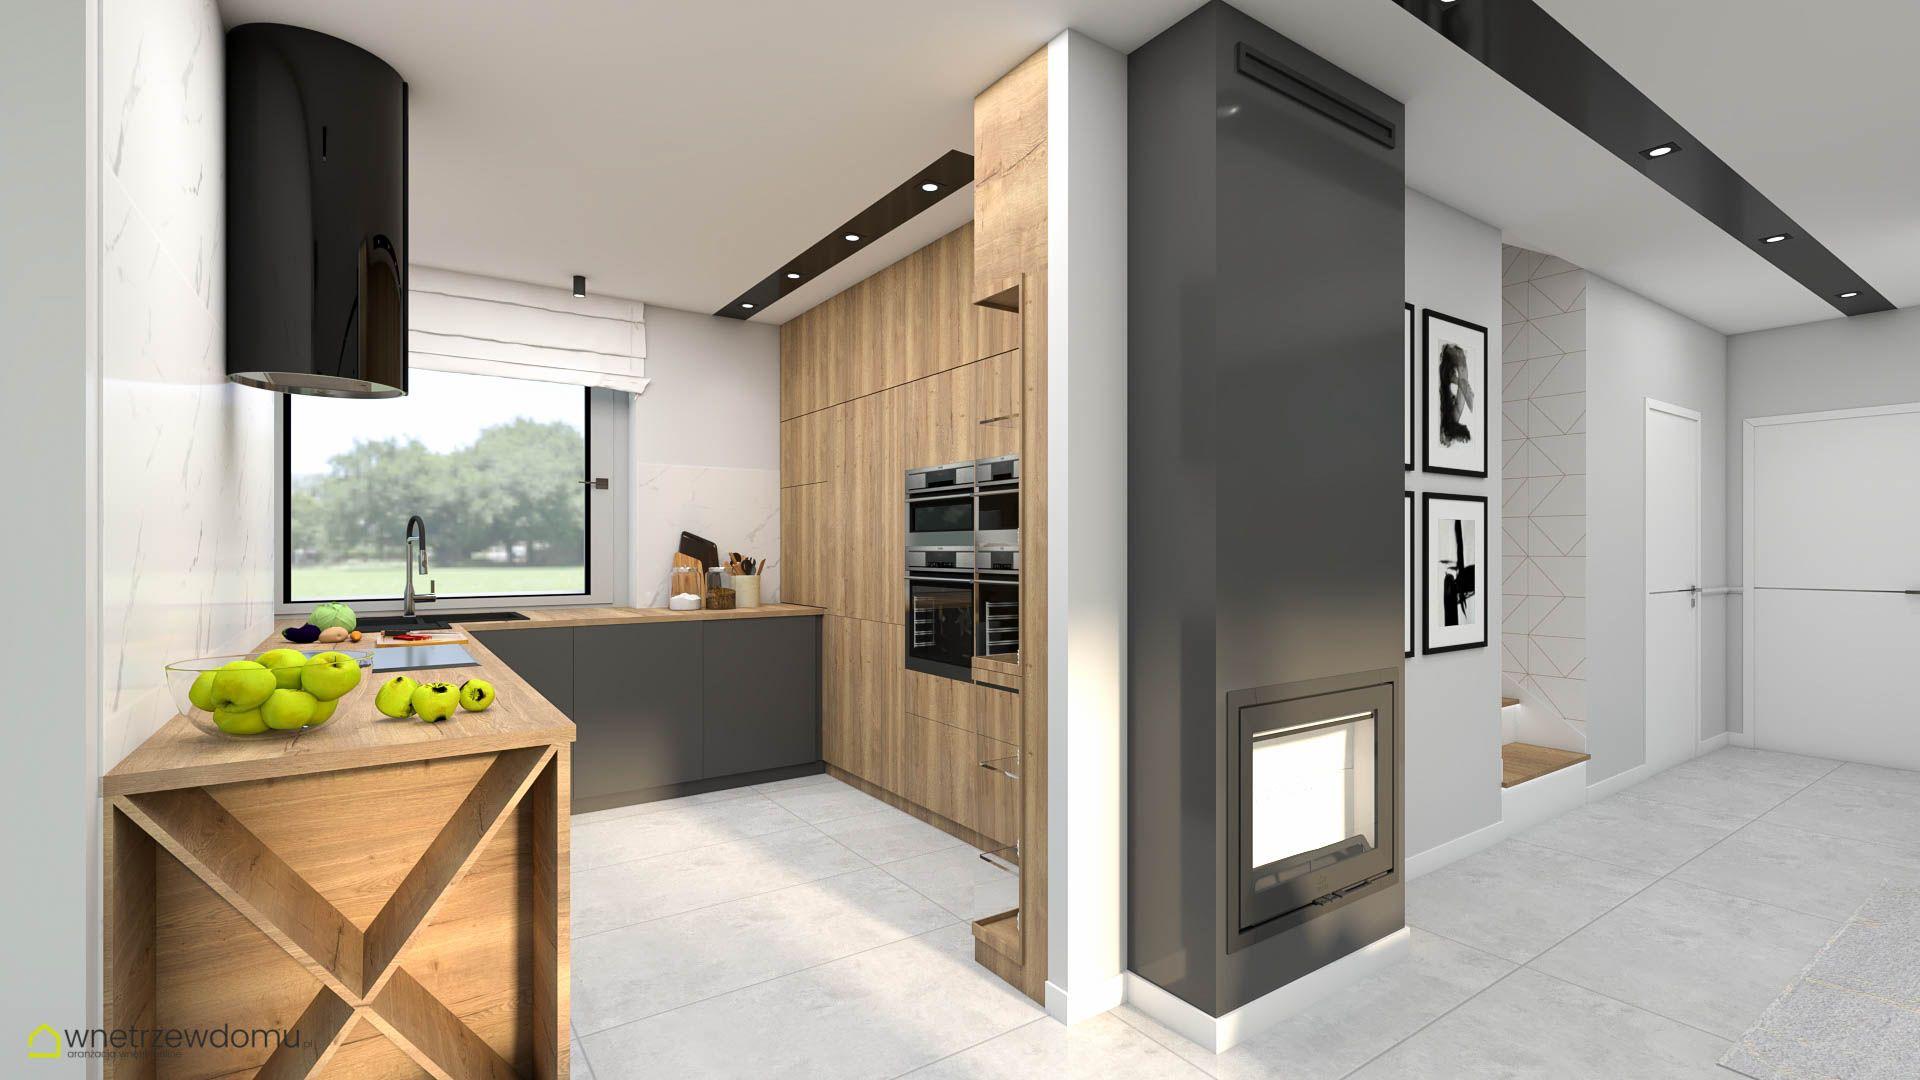 Kuchnia Drewno I Grafit Decor Home Decor Kitchen